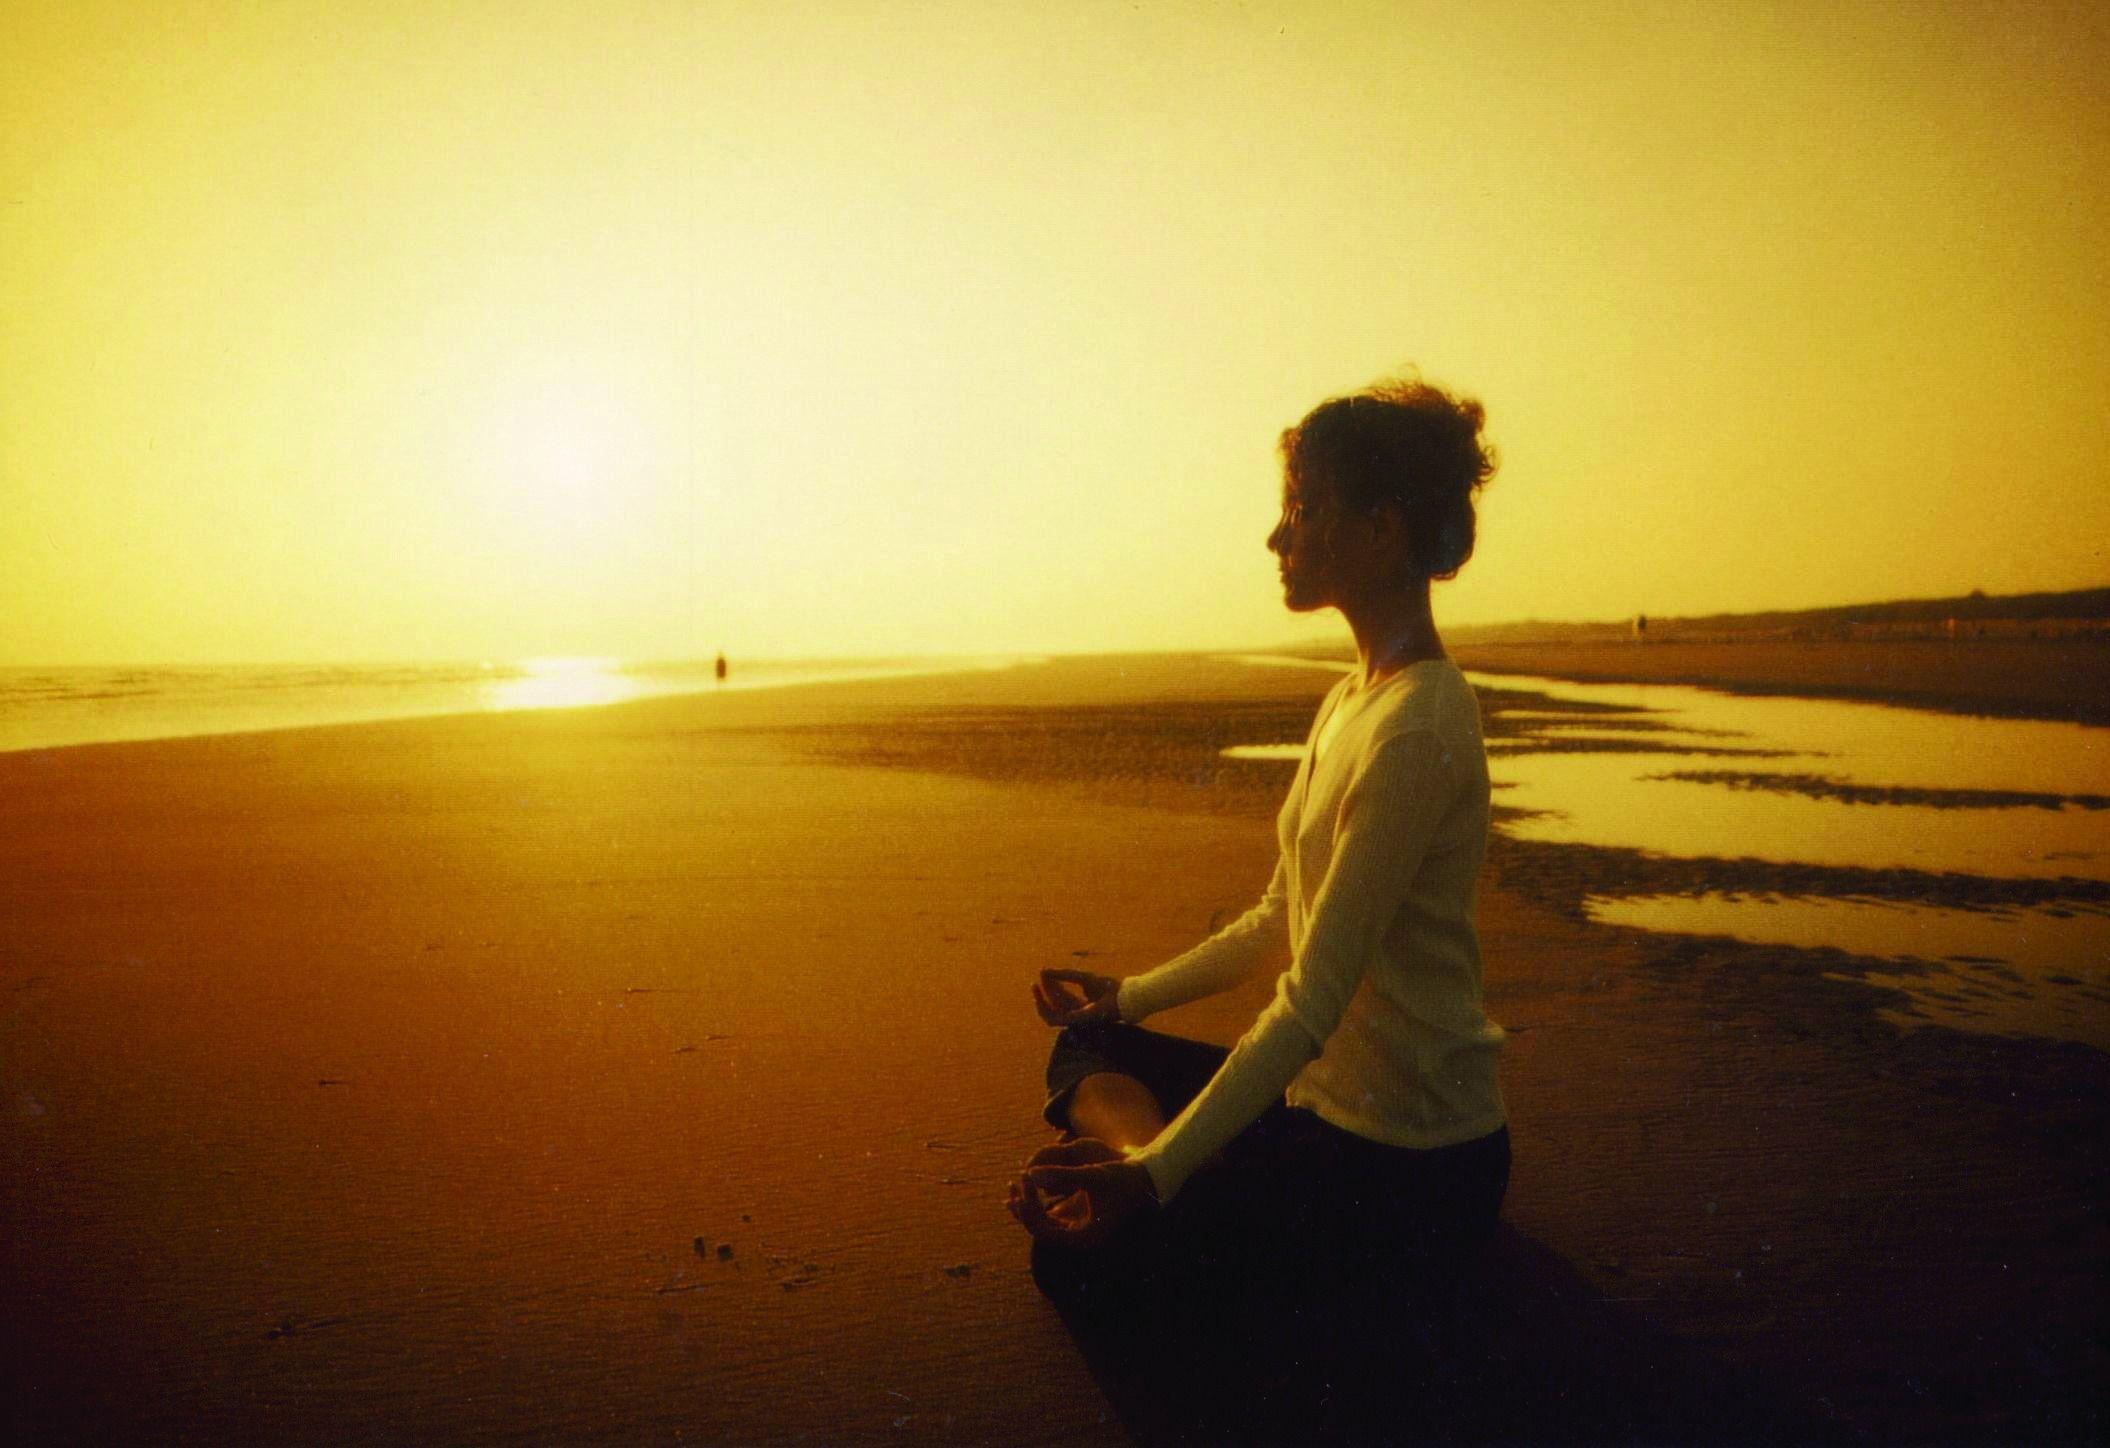 Yoga on the beach on Juist © Kurverwaltung Juist